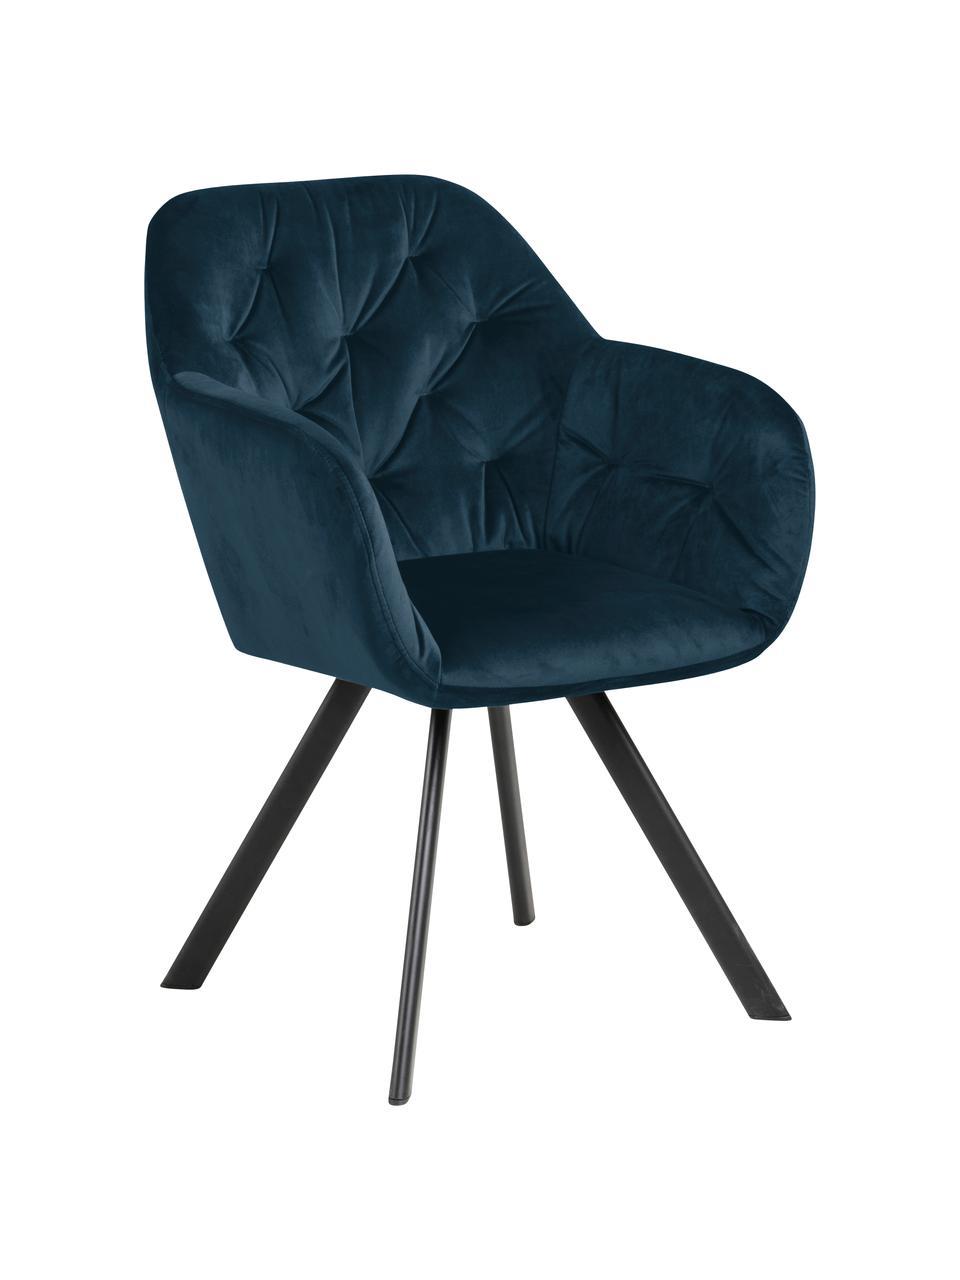 Draaibare fuwelen armstoel Lucie, Bekleding: polyester fluweel, Poten: gepoedercoat metaal, Donkerblauw, zwart, B 58 x D 62 cm